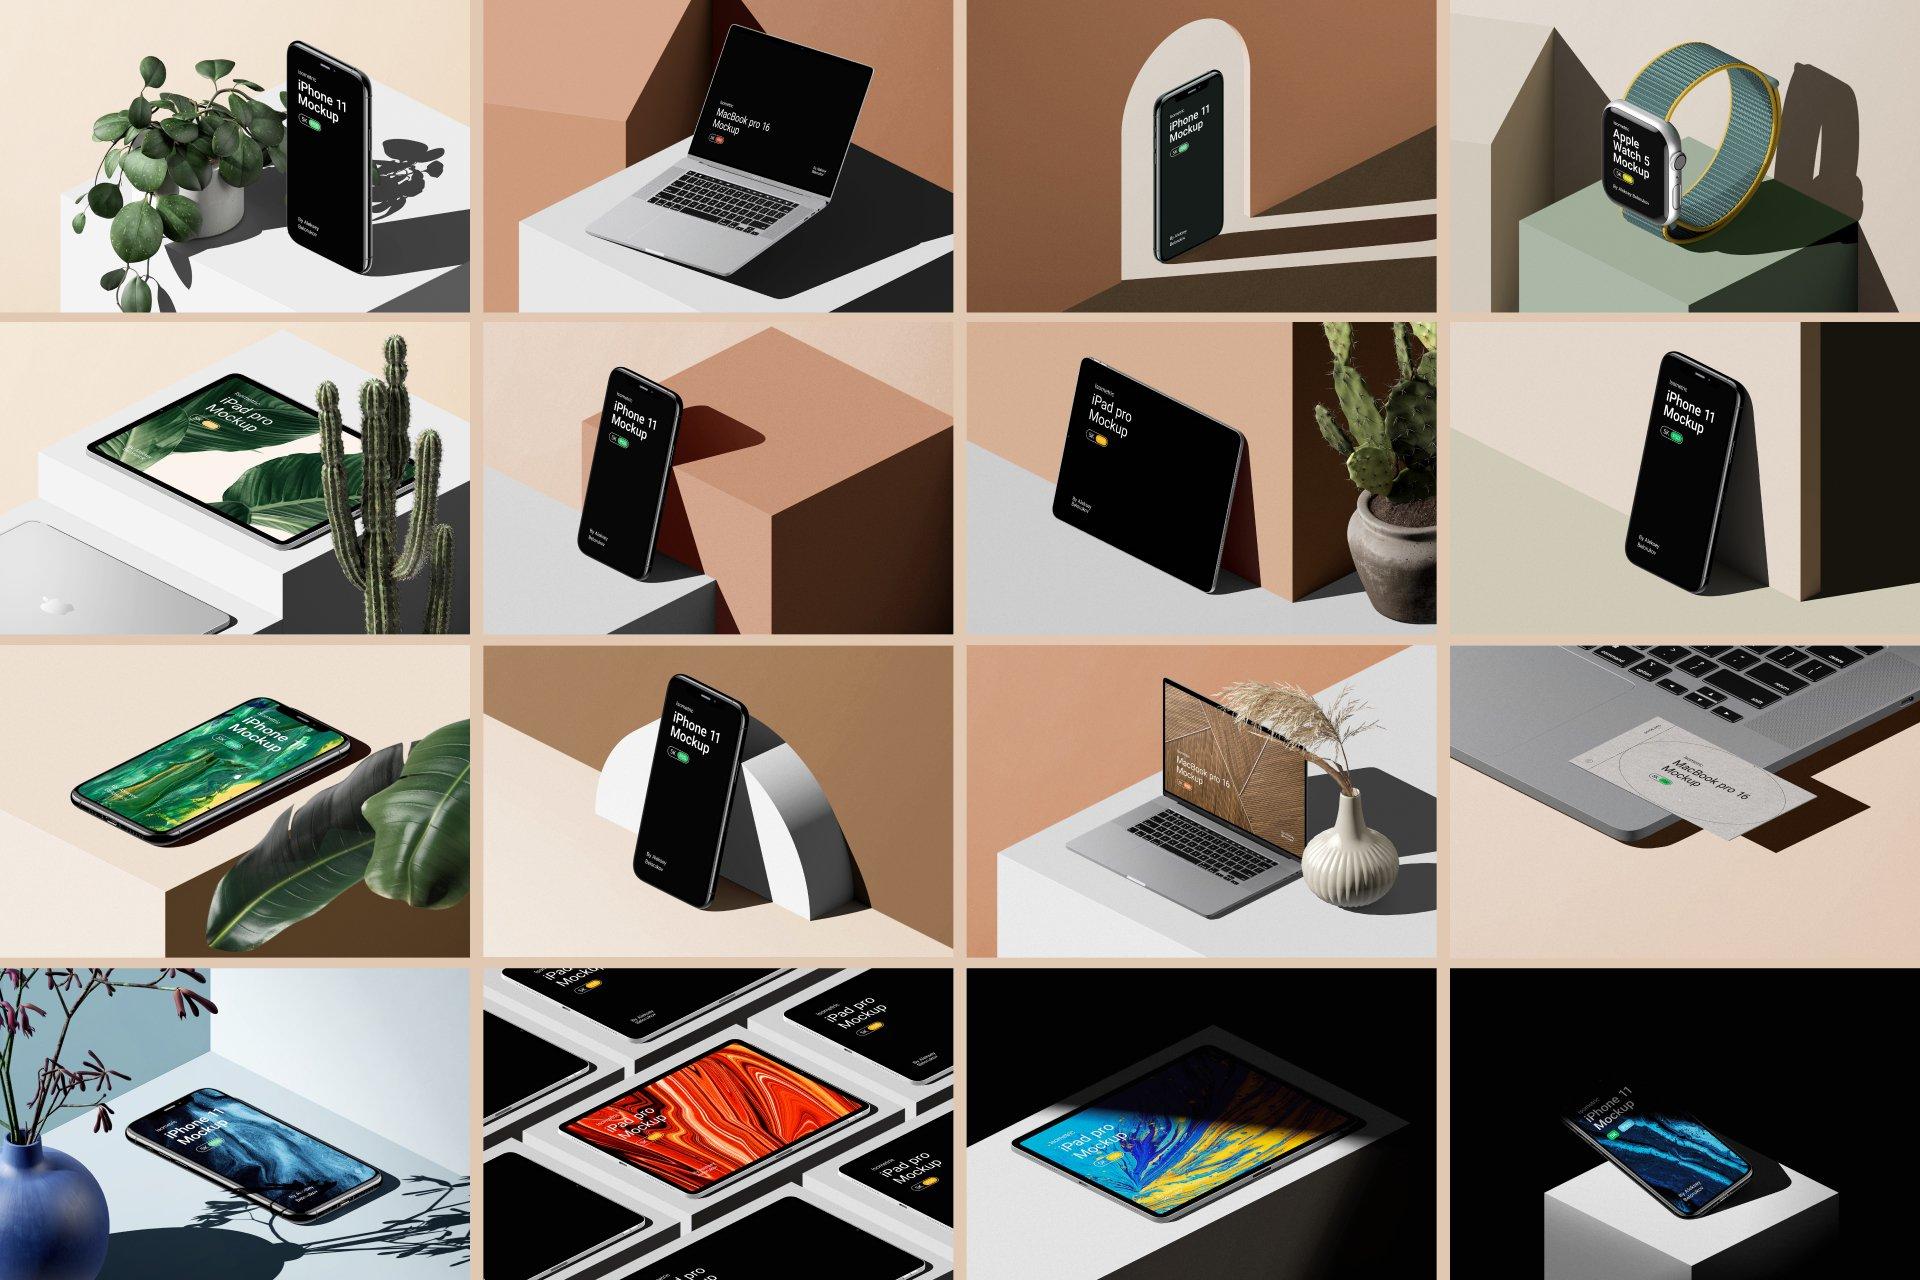 [单独购买] 16款时尚等距APP界面设计苹果设备屏幕演示场景样机模板套装 Device Pack Mockups – Isometric插图25